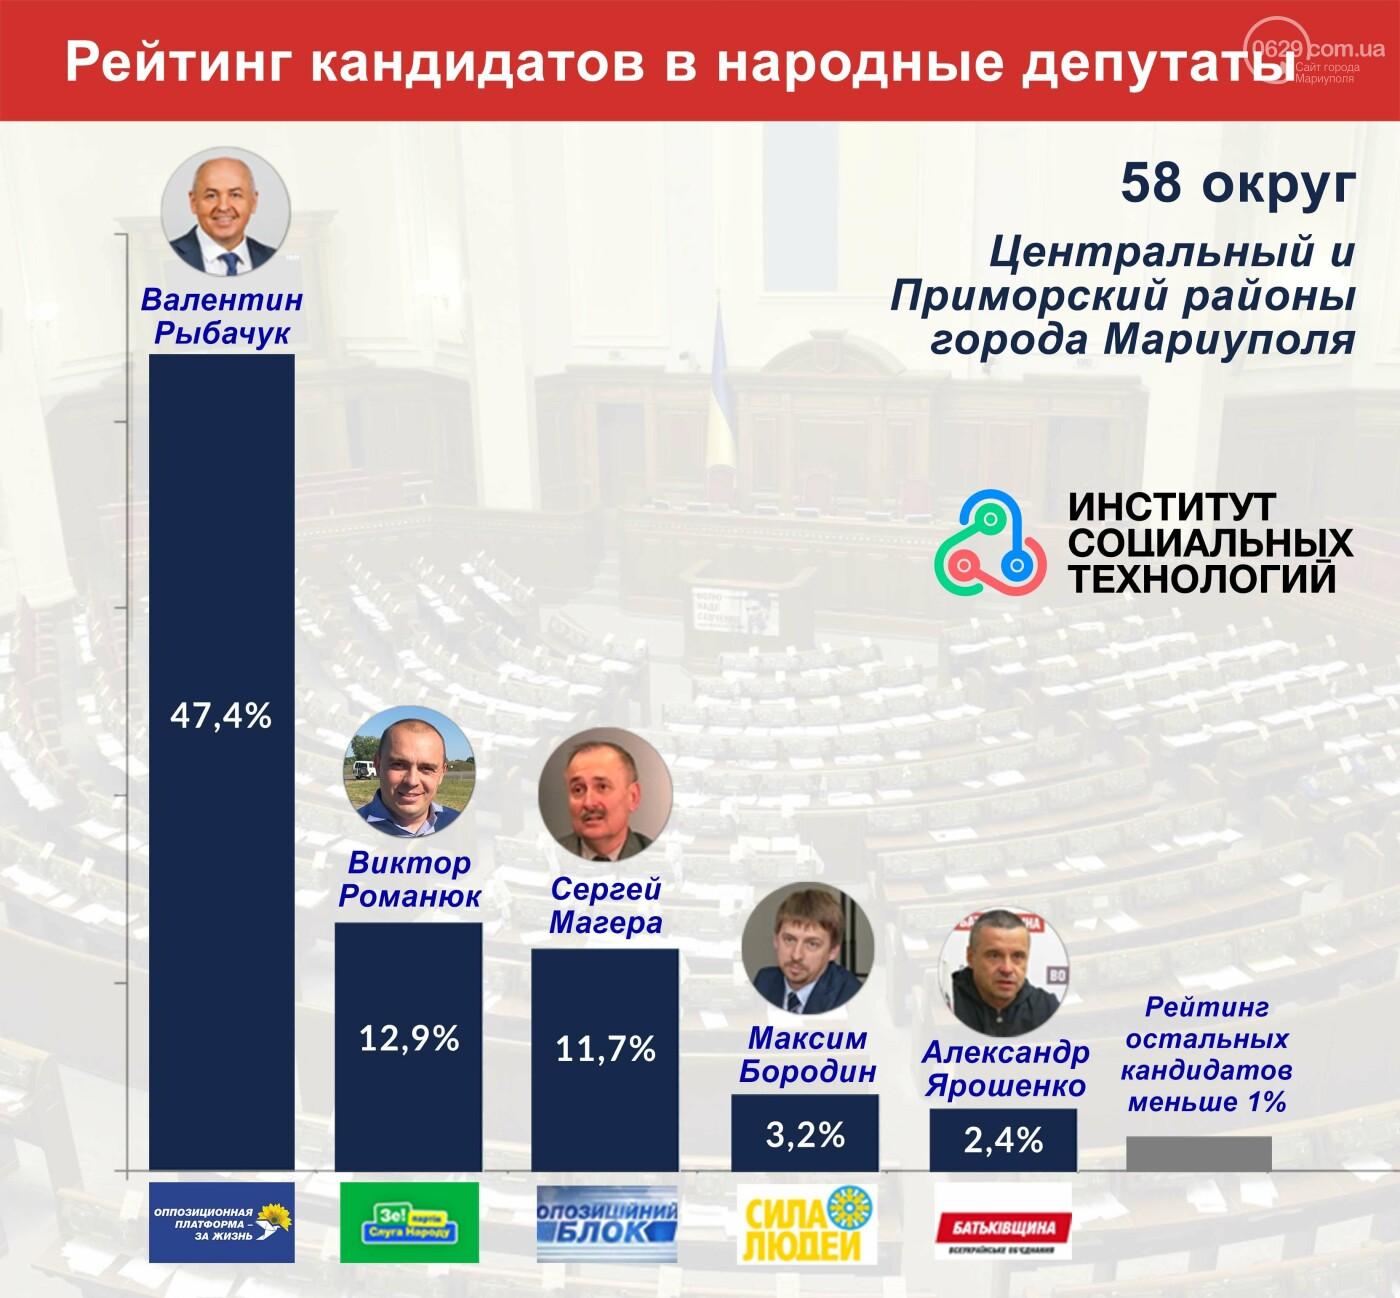 Парламентские выборы 2019: Оппозиционная платформа За Жизнь лидирует в Мариуполе со значительным отрывом, фото-1